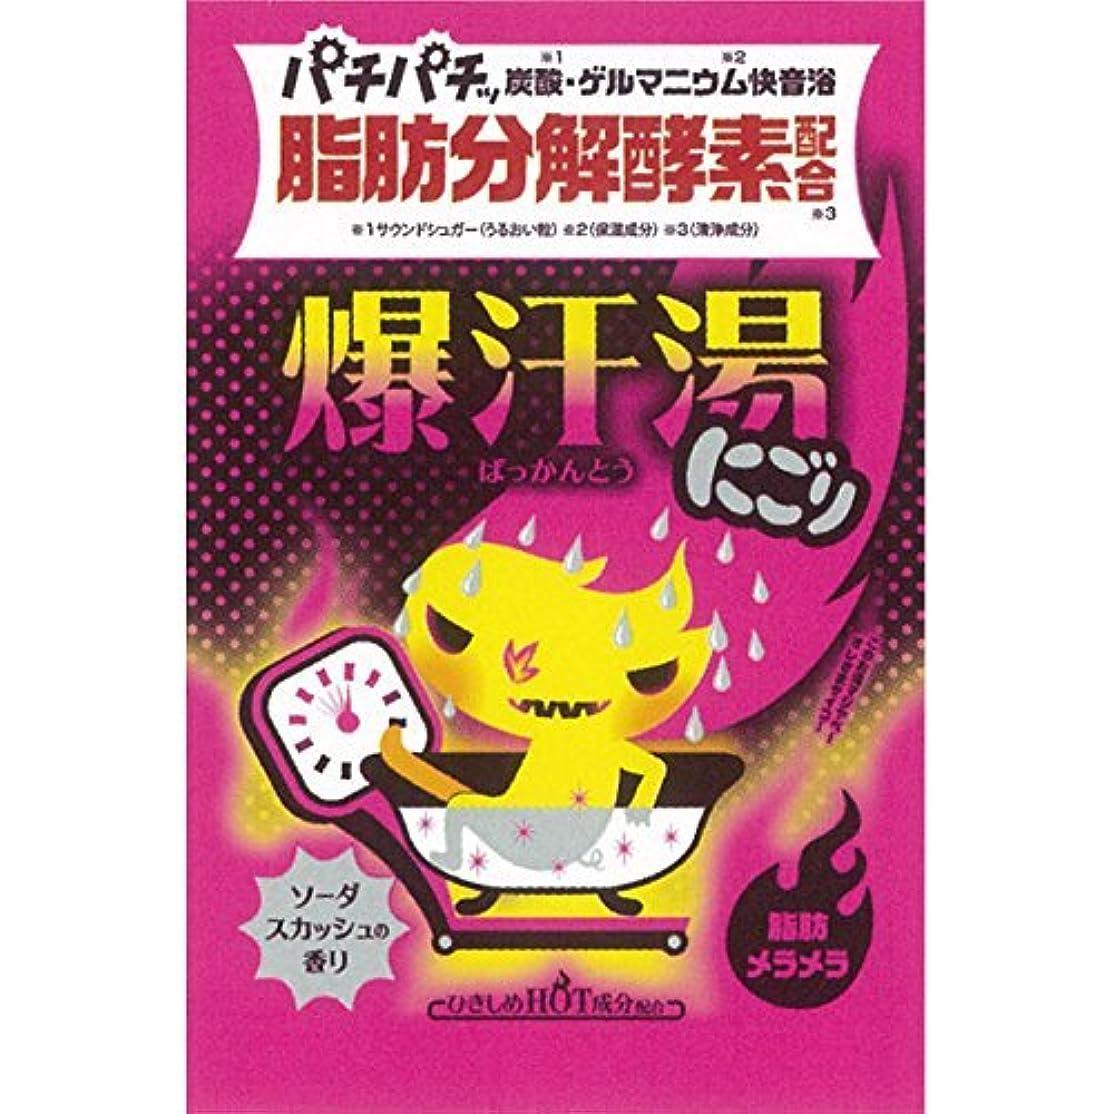 韓国裏切り者怒り爆汗湯 ゲルマニウム快音浴 にごり ソーダスカッシュの香り(入浴剤)